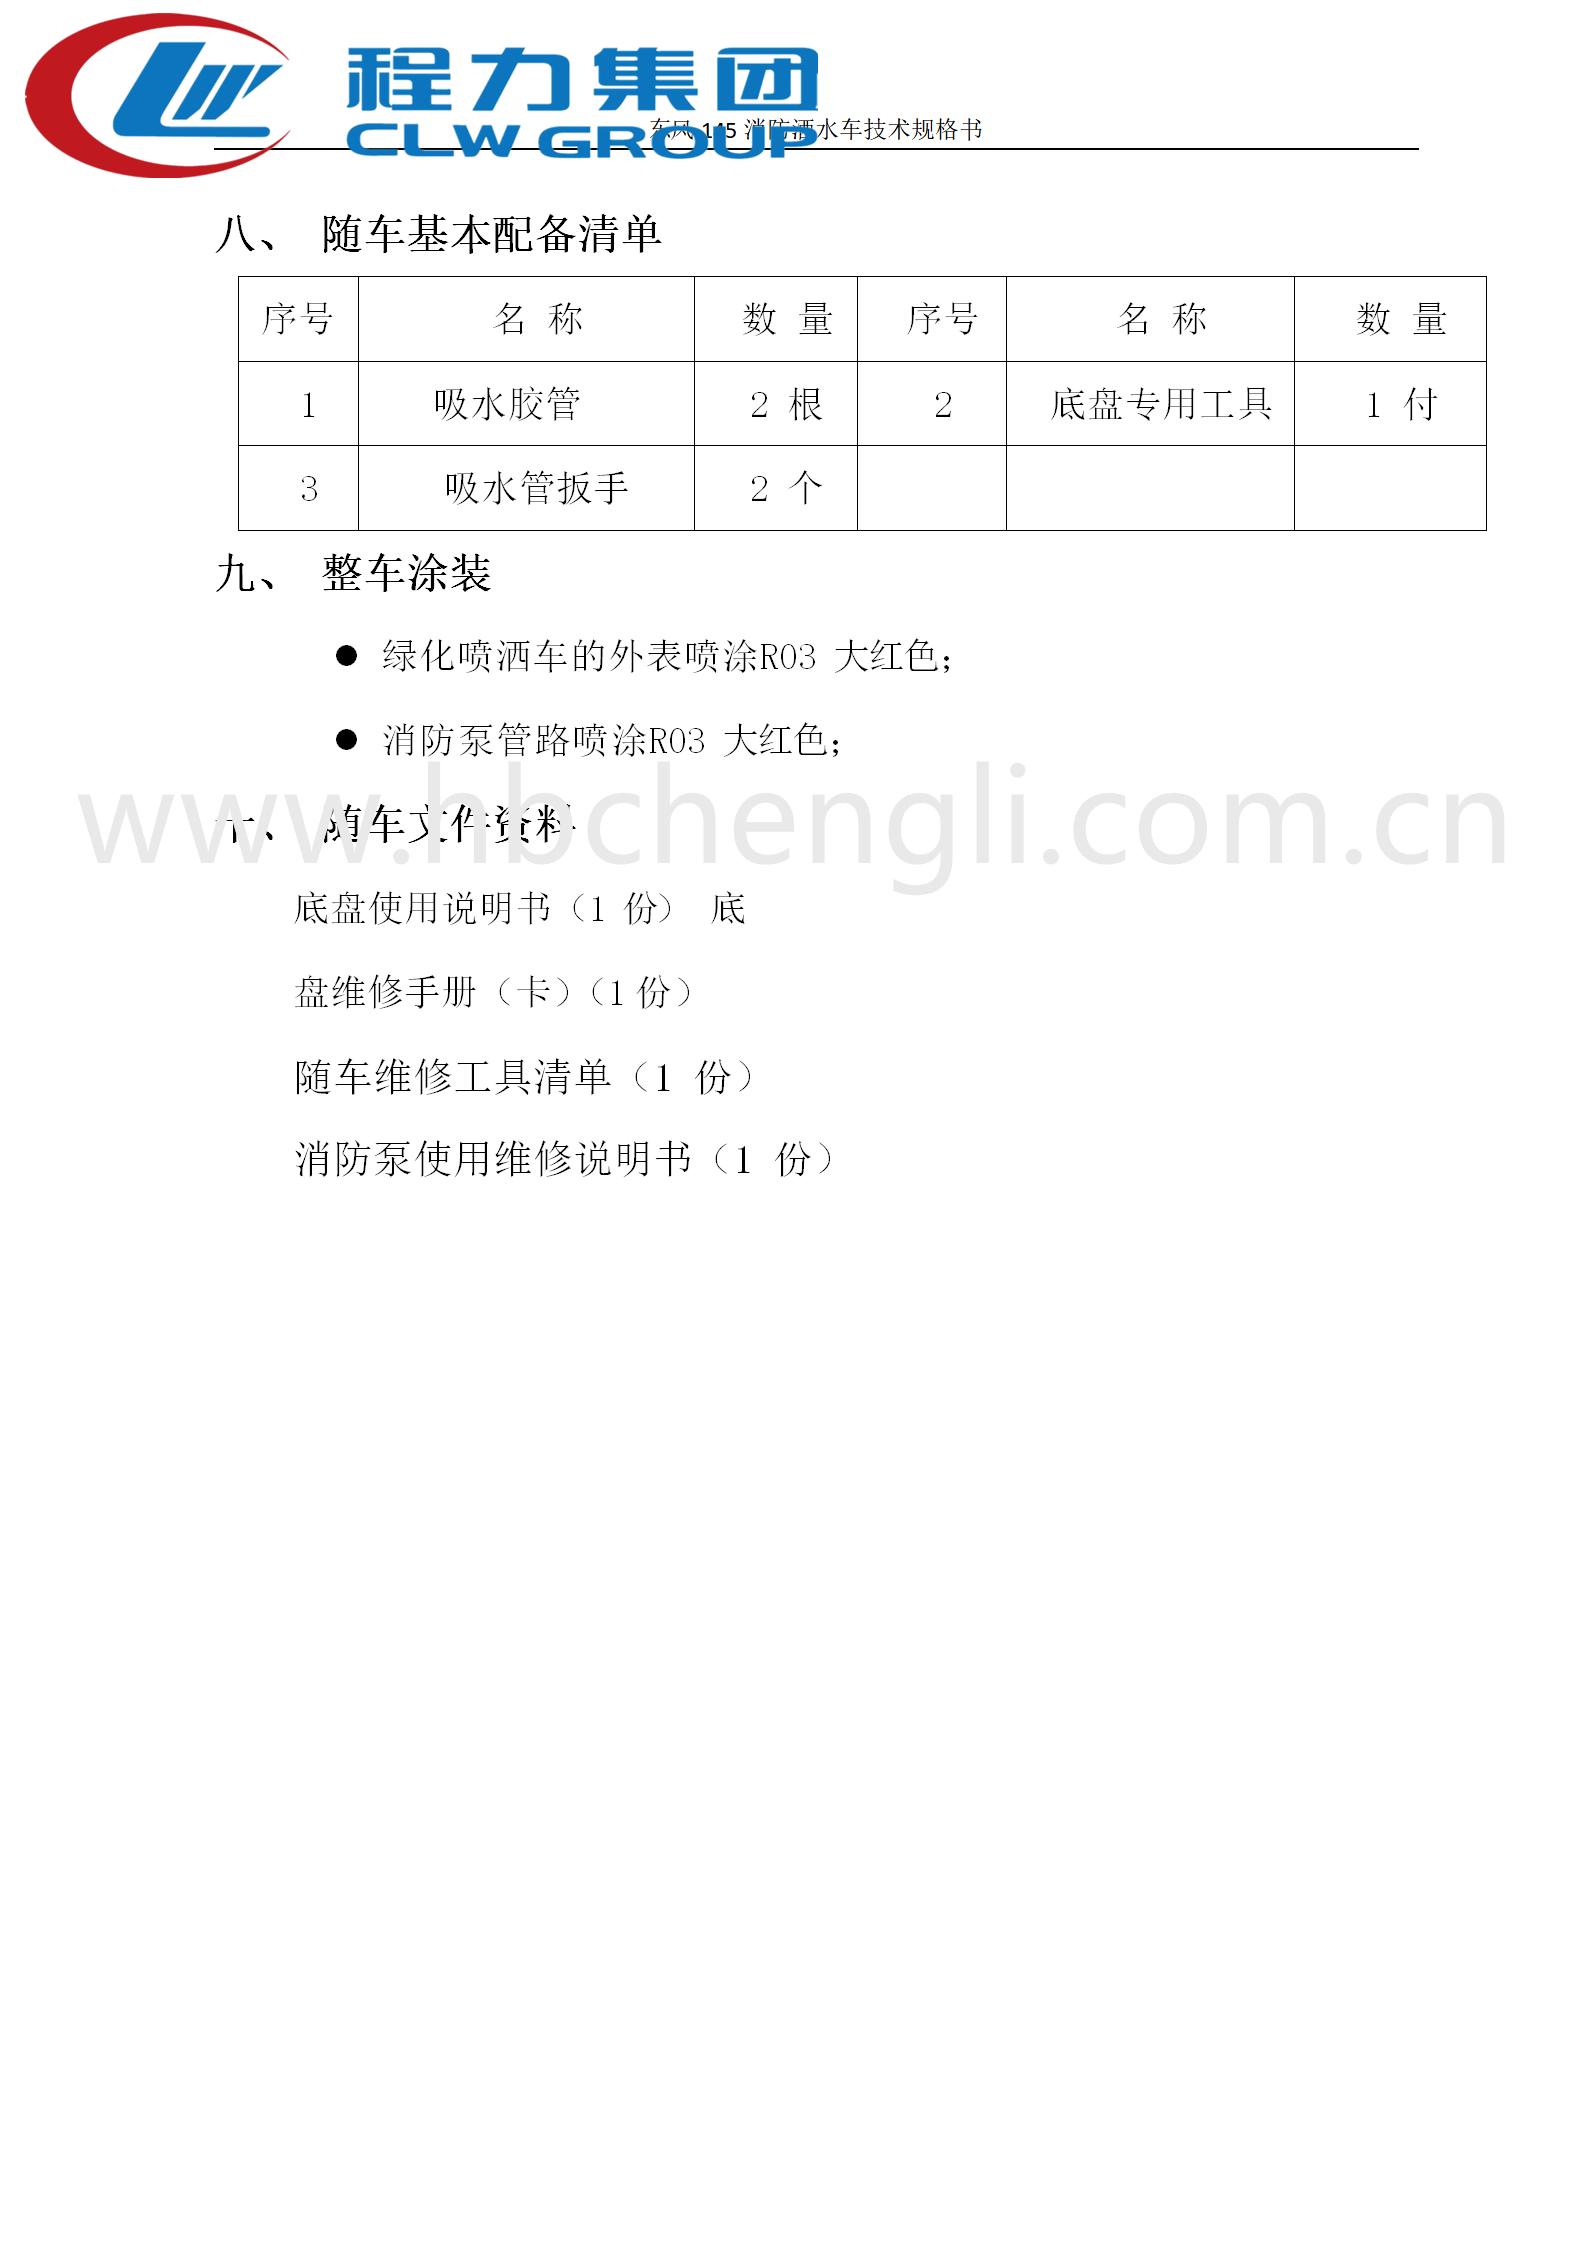 东风145简易消防车技术规格书_08_副本